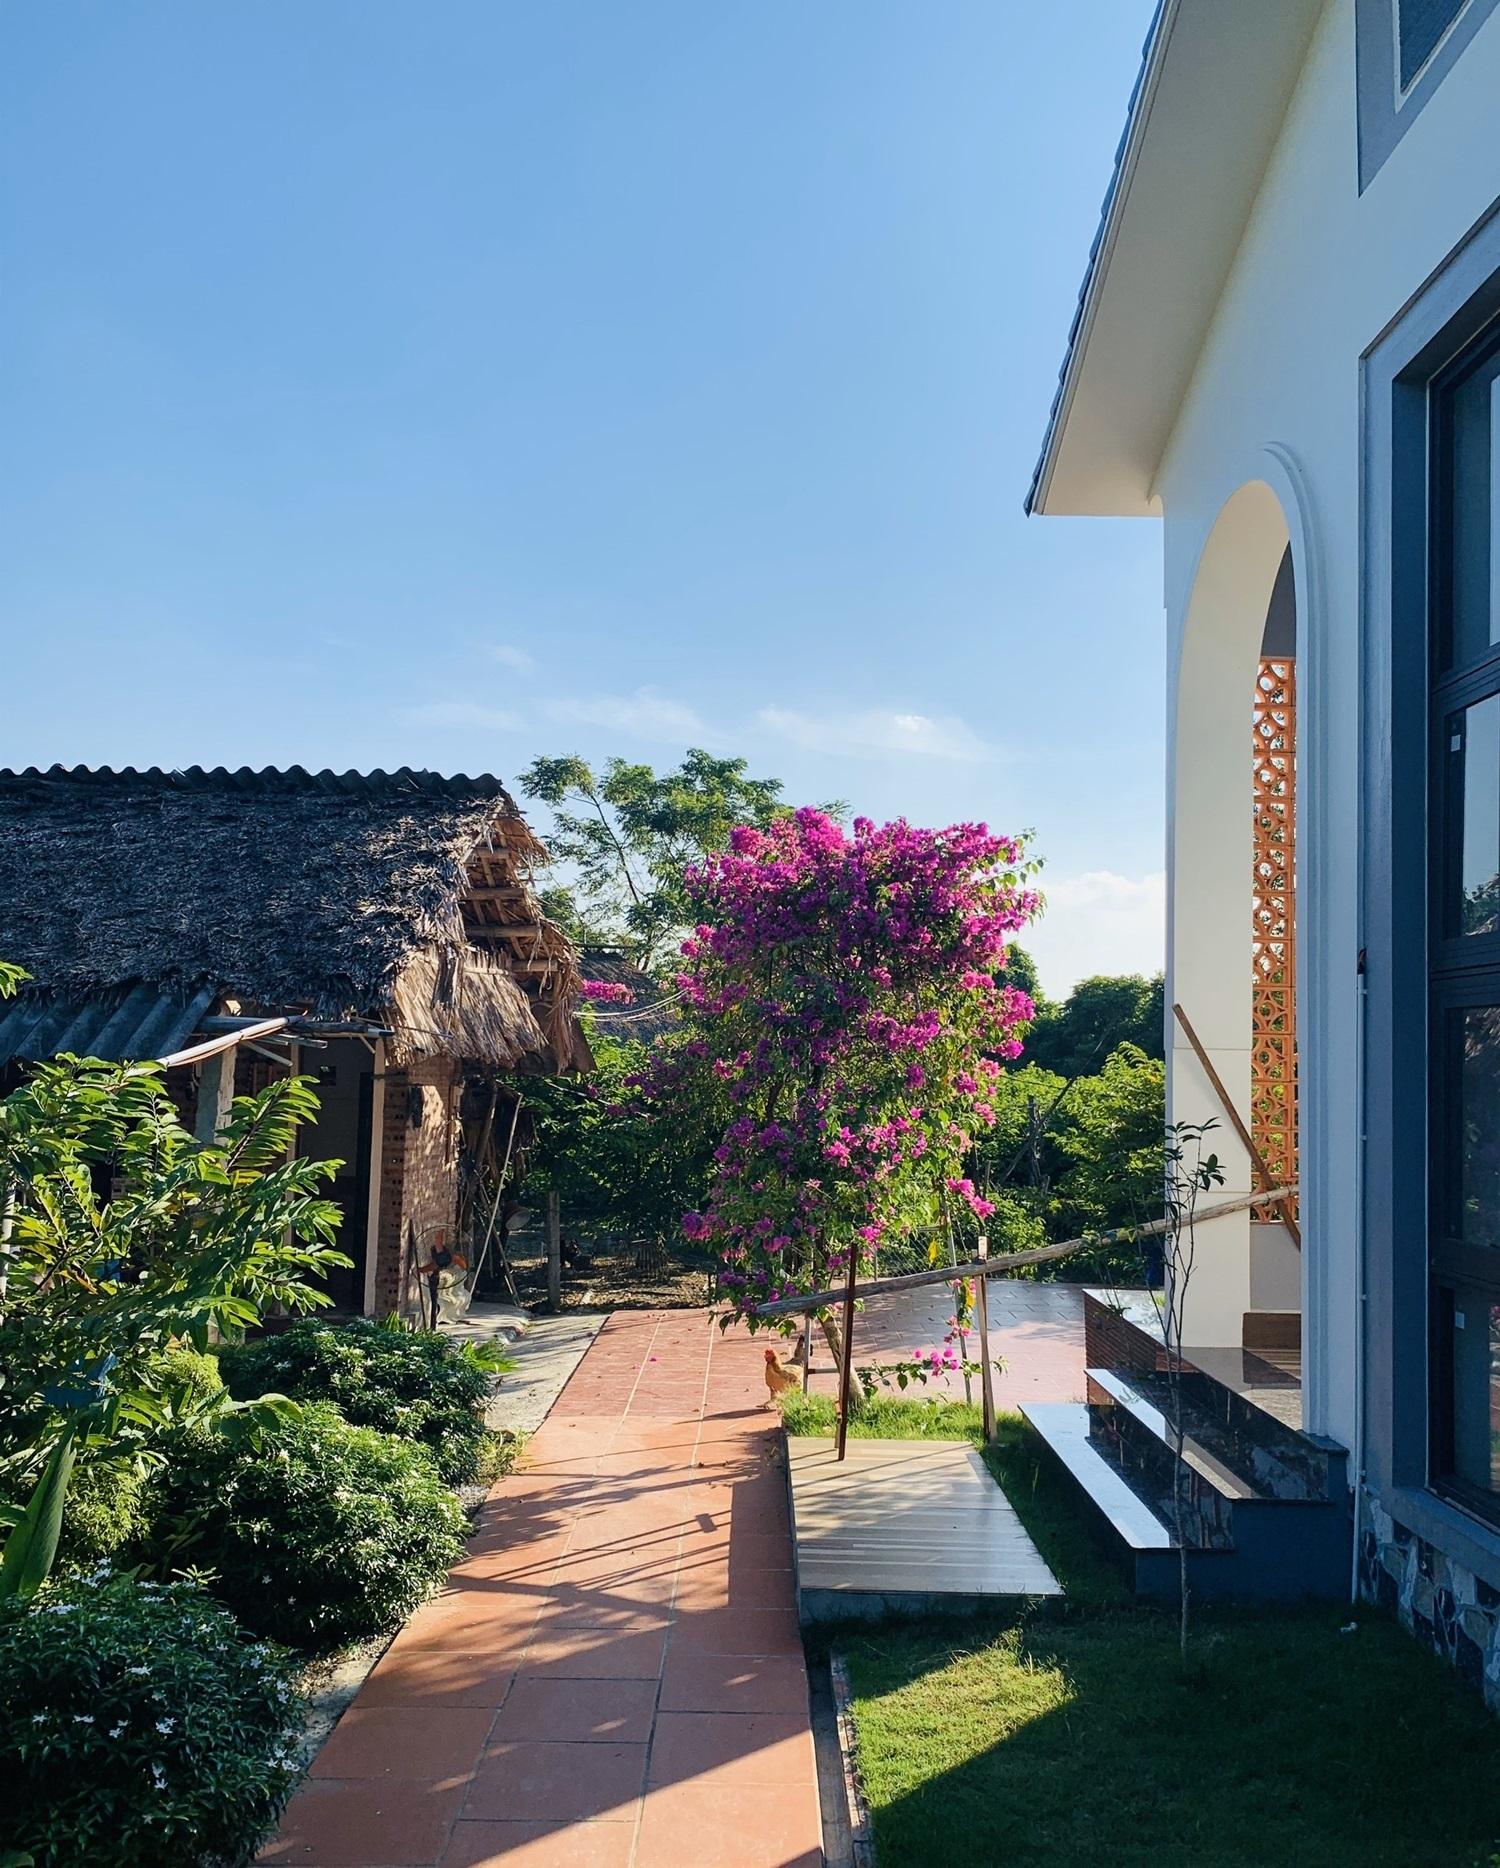 Con trai xây nhà vườn bên đồng lúa xanh mát tặng bố mẹ an hưởng tuổi già ở Vĩnh Phúc - Ảnh 13.